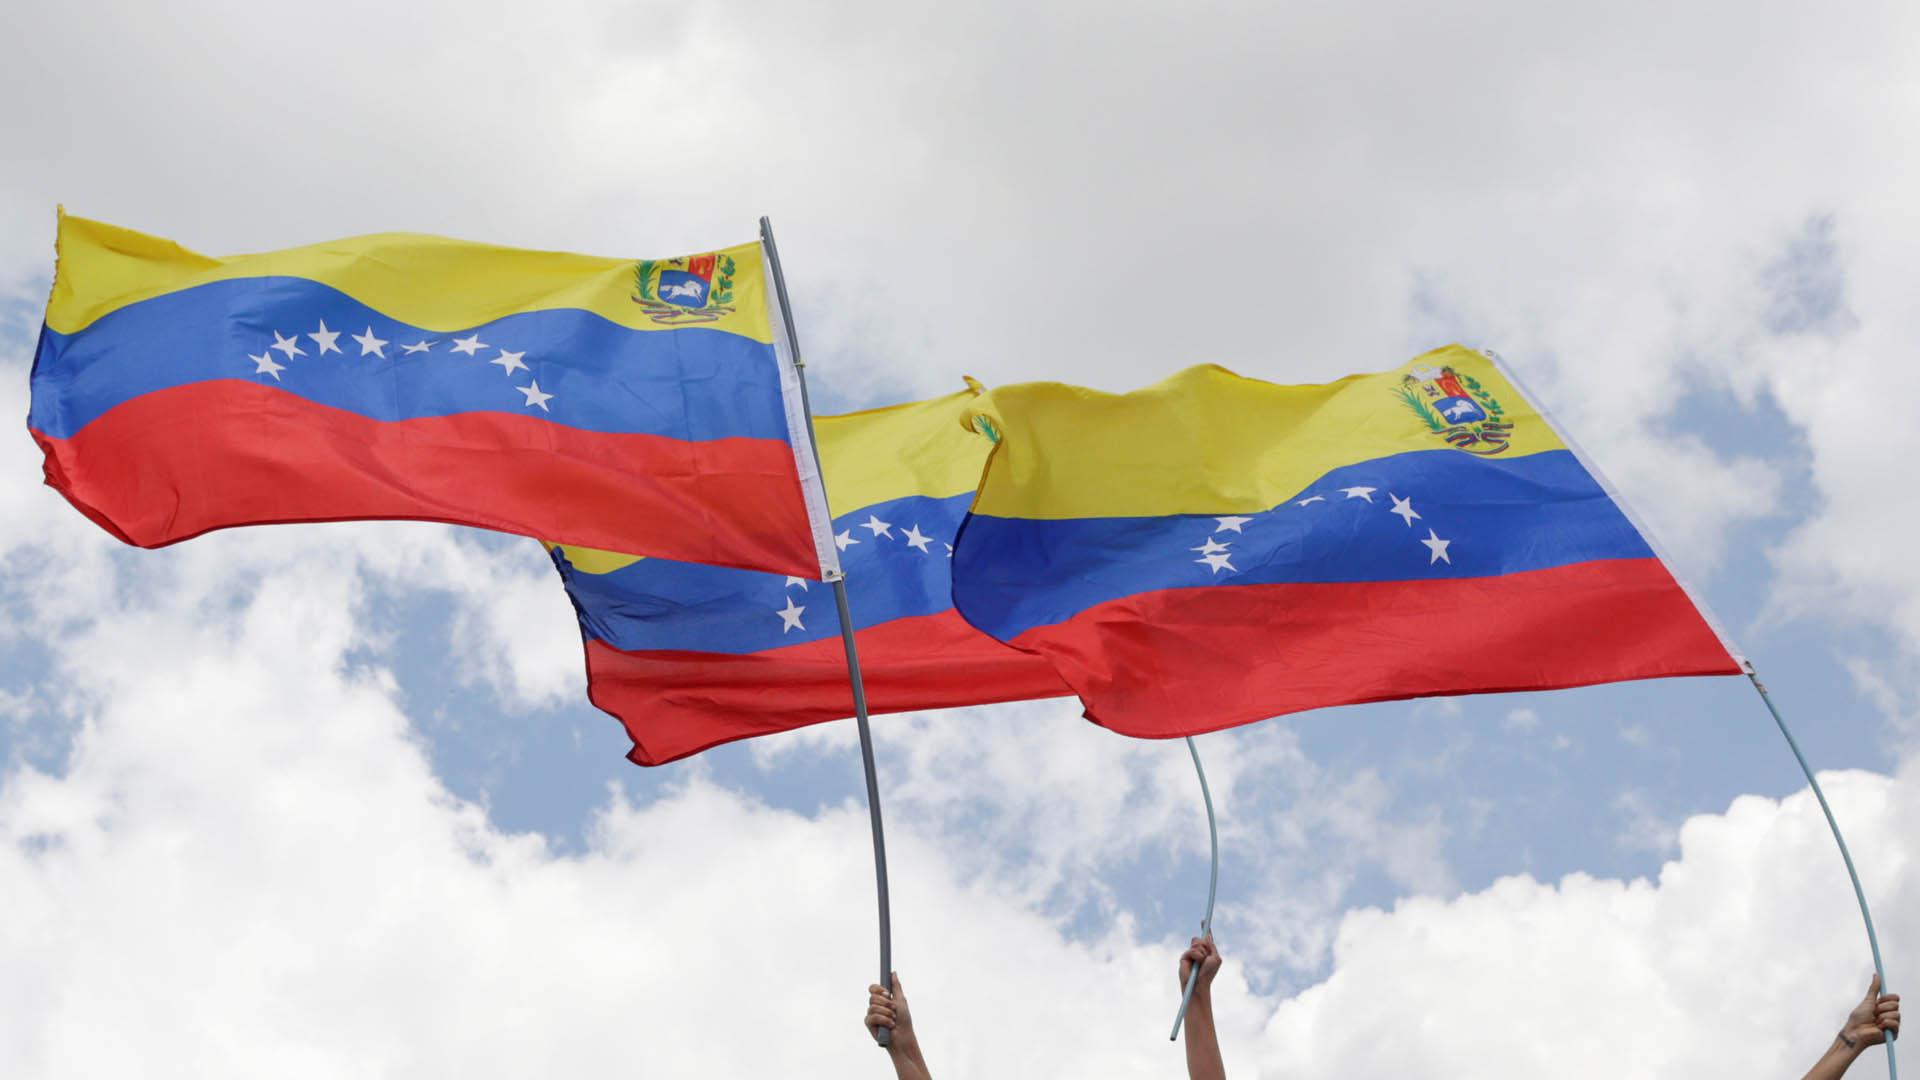 La oposición venezolana se reunió con varios representantes internacionales que llegaron al país con la intensión de abogar por el diálogo nacional